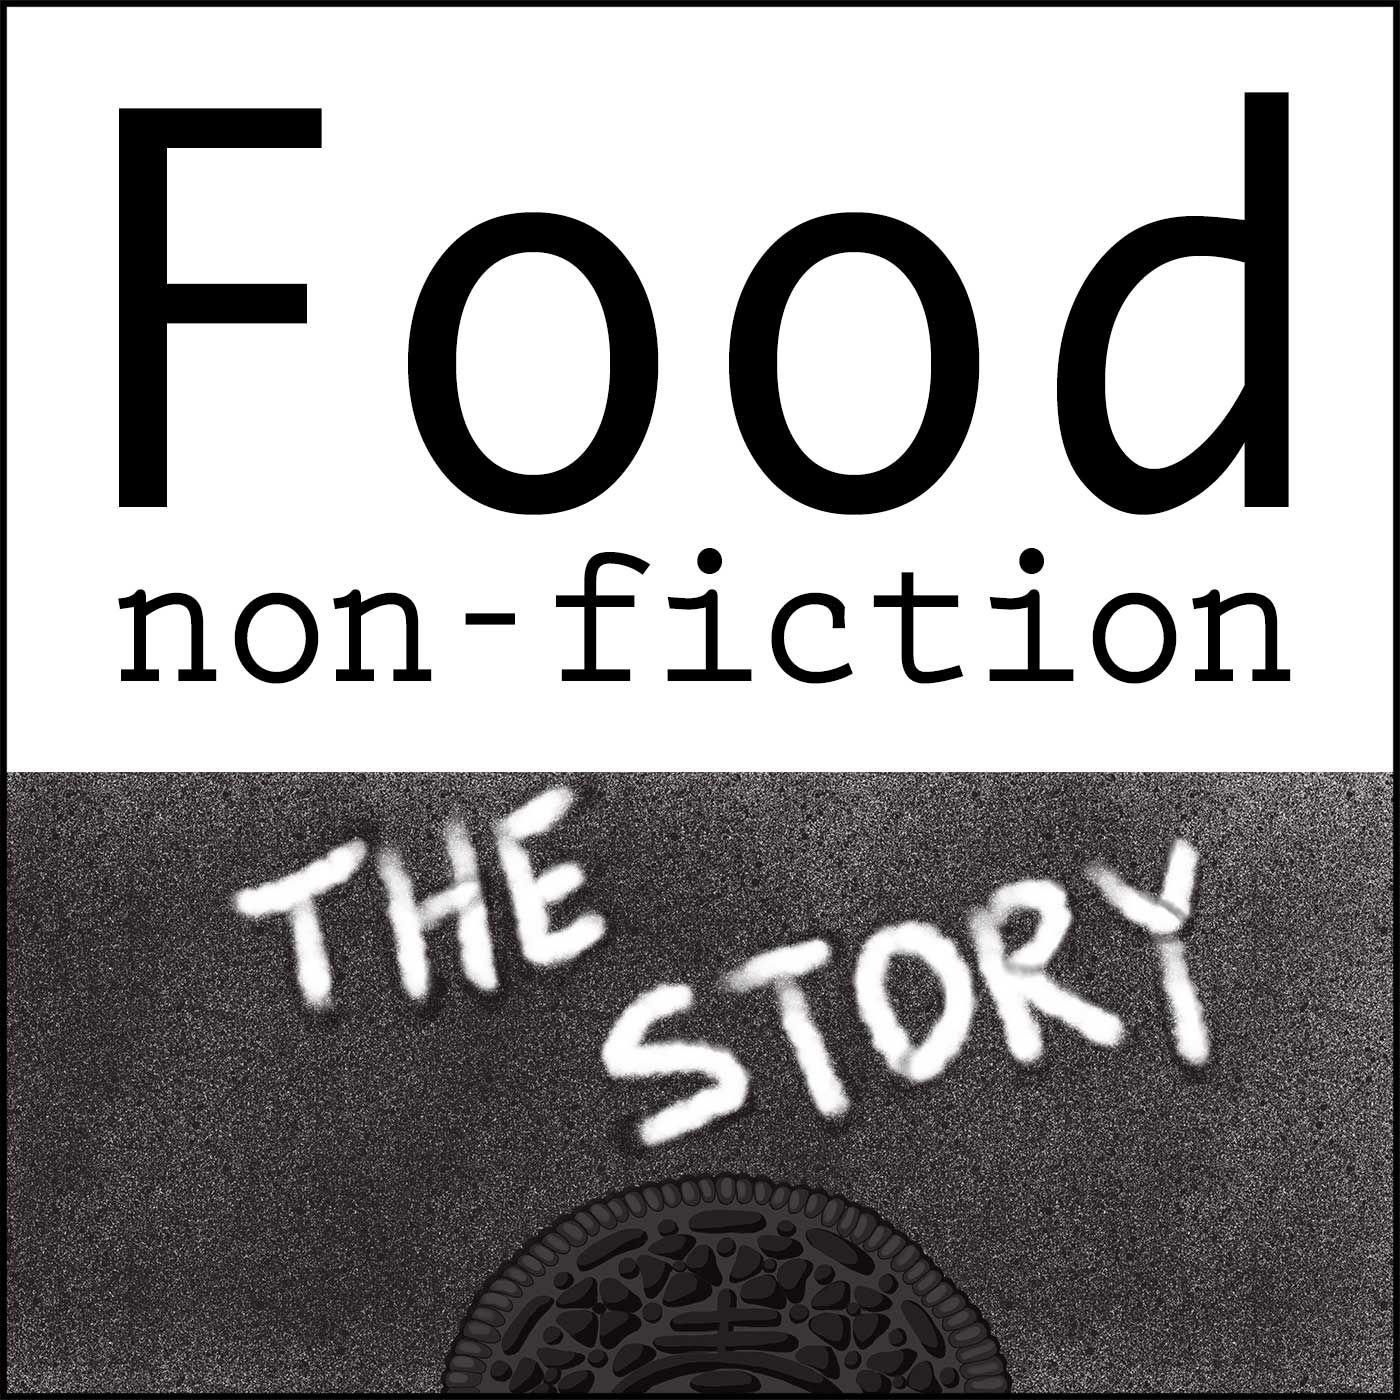 #69 The Oreo Story